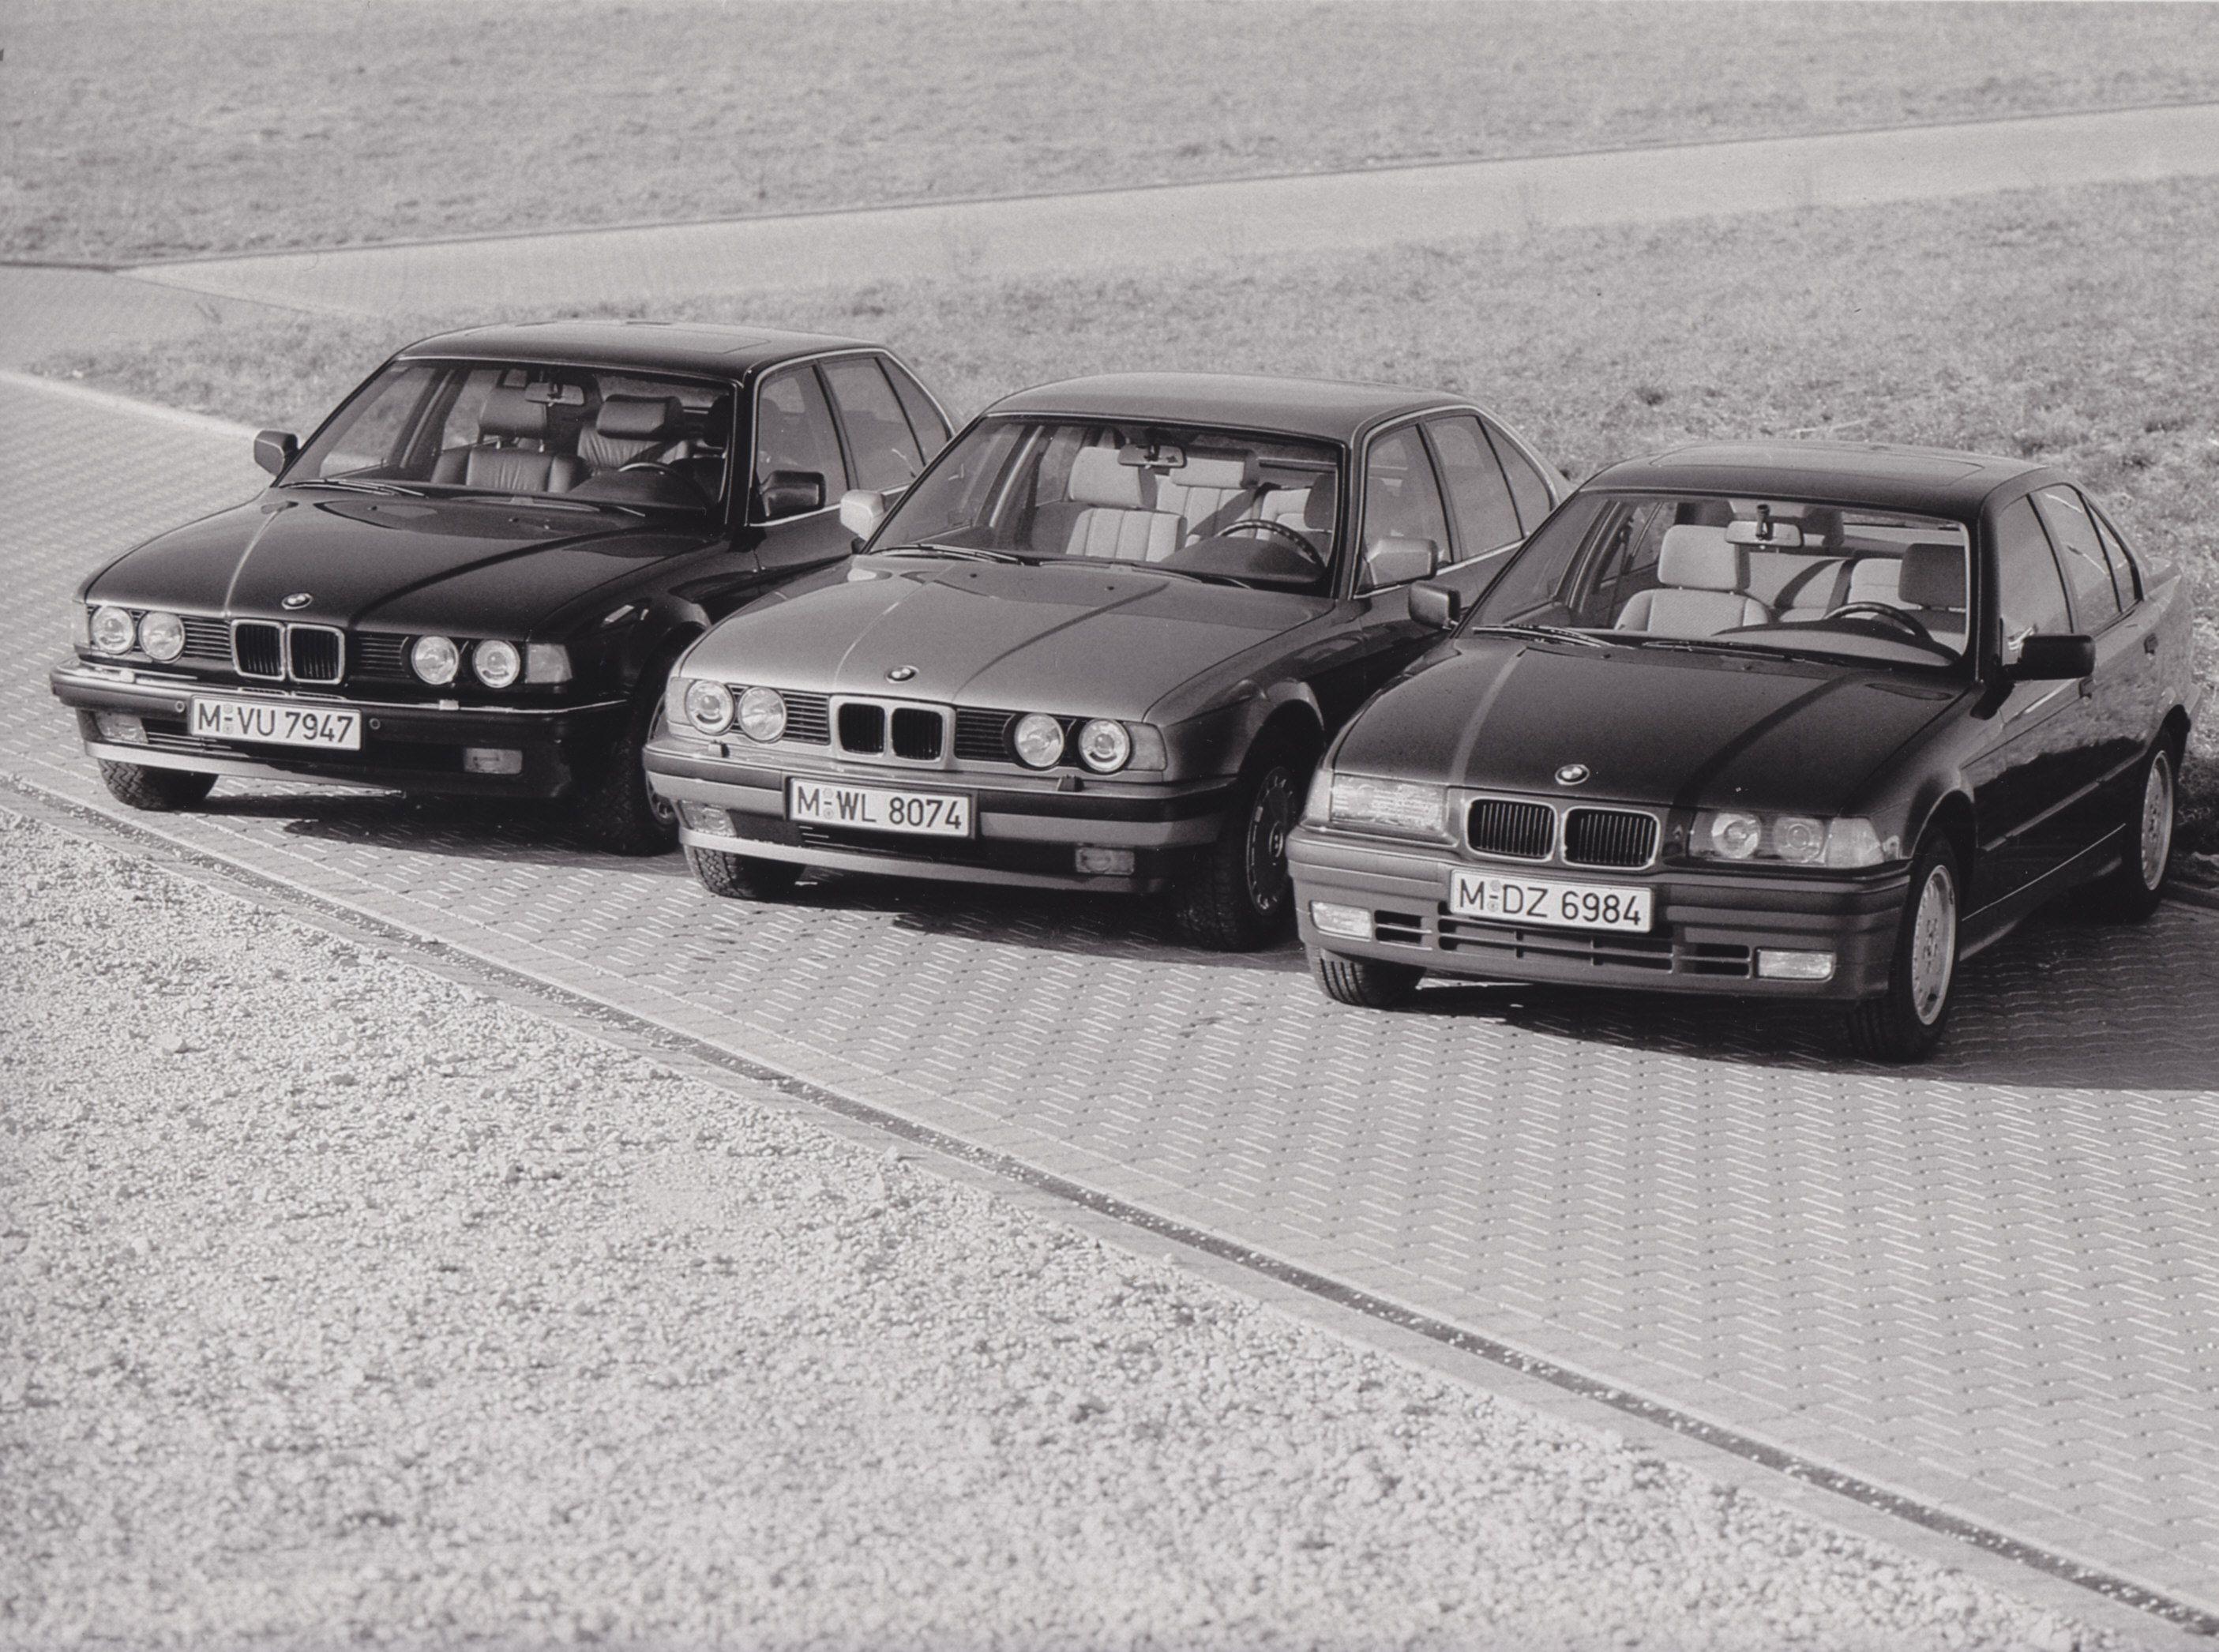 Bmw 7 Series E32 5 E34 And 3 E36 Auto 2